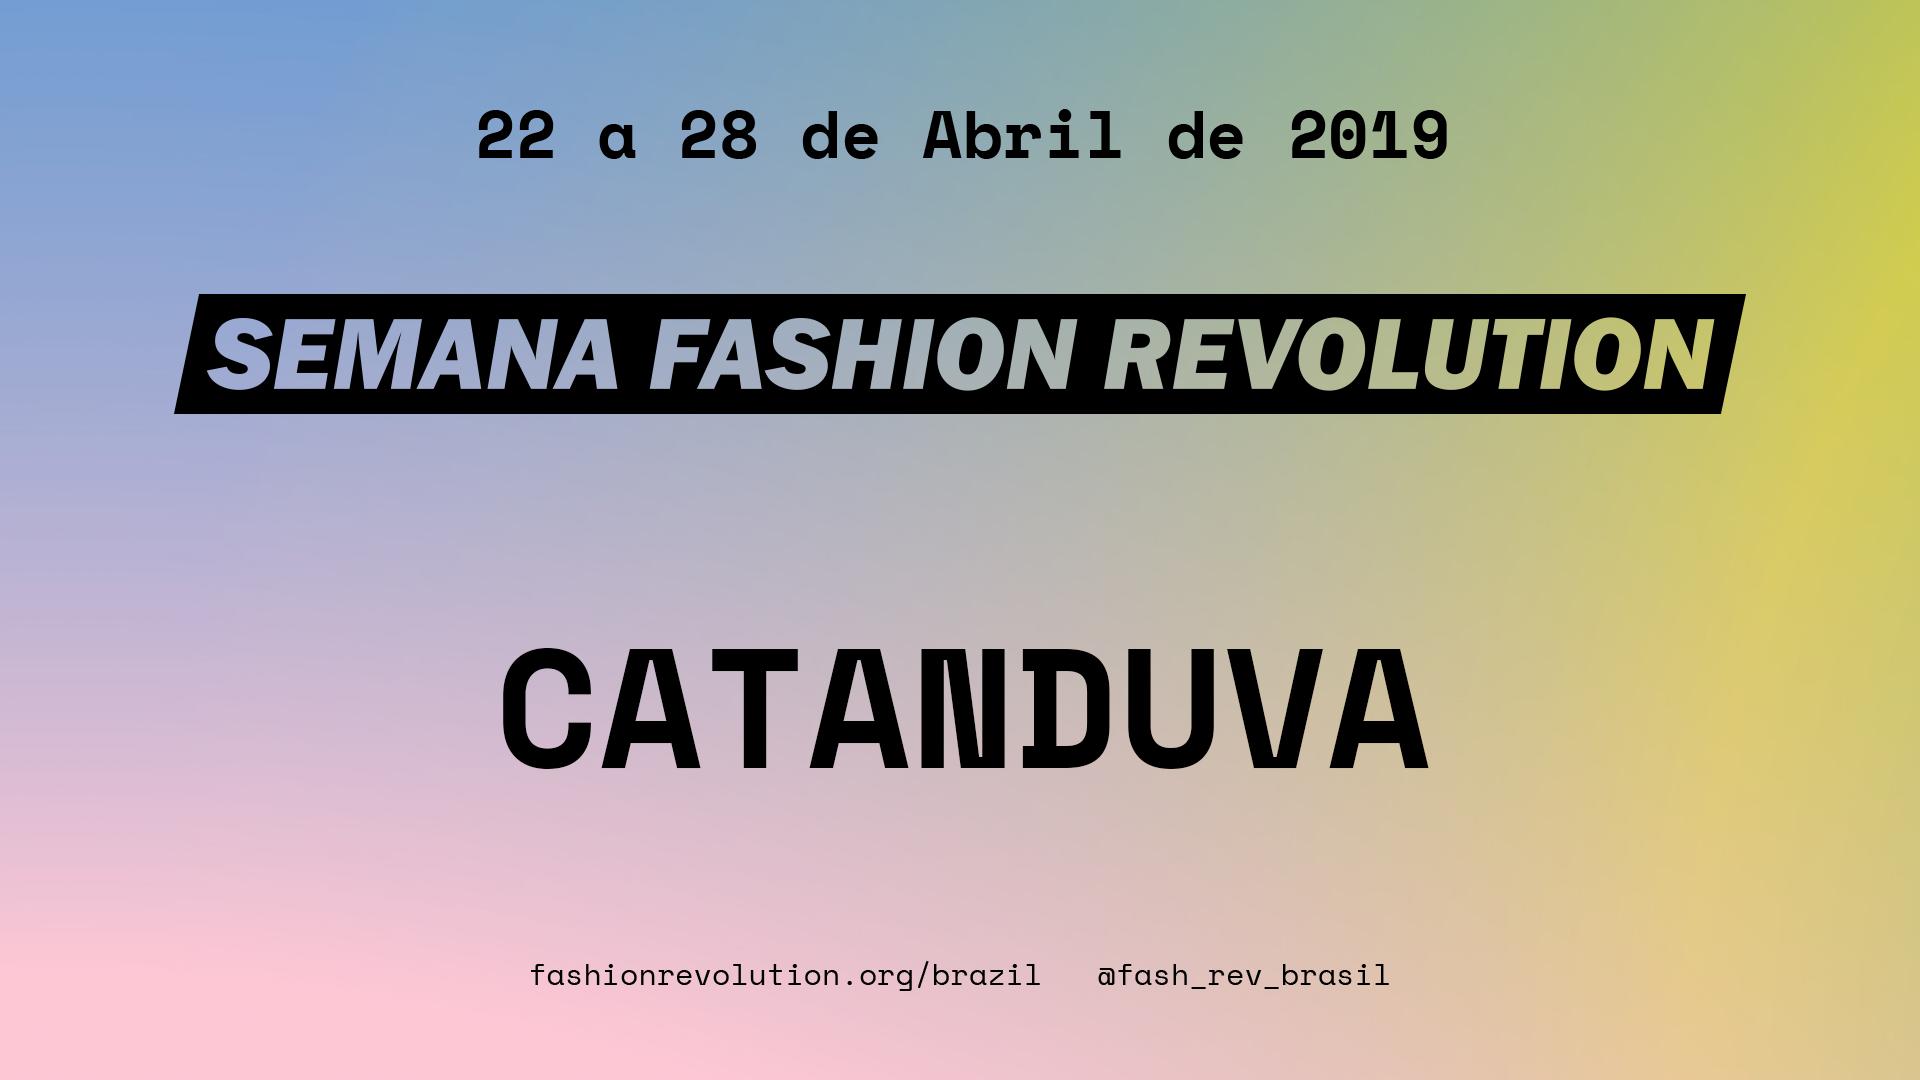 Fashion Revolution – Catanduva